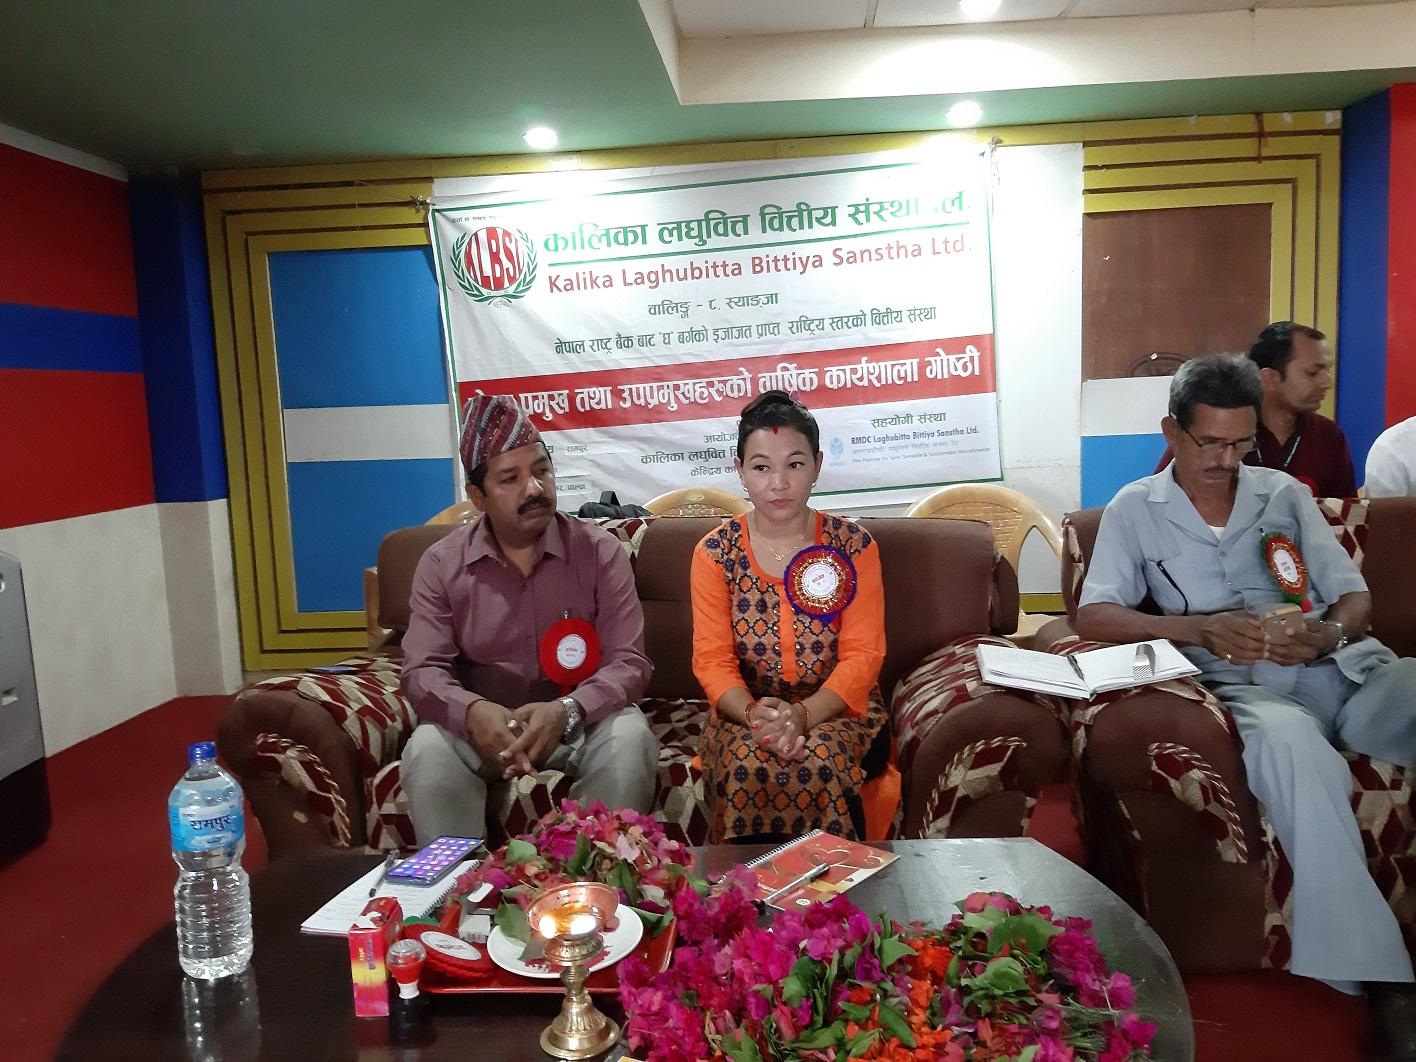 पाल्पाको रामपुरमा कालिकाको एक सय तीस केन्द्रका प्रमुखहरुको भेला